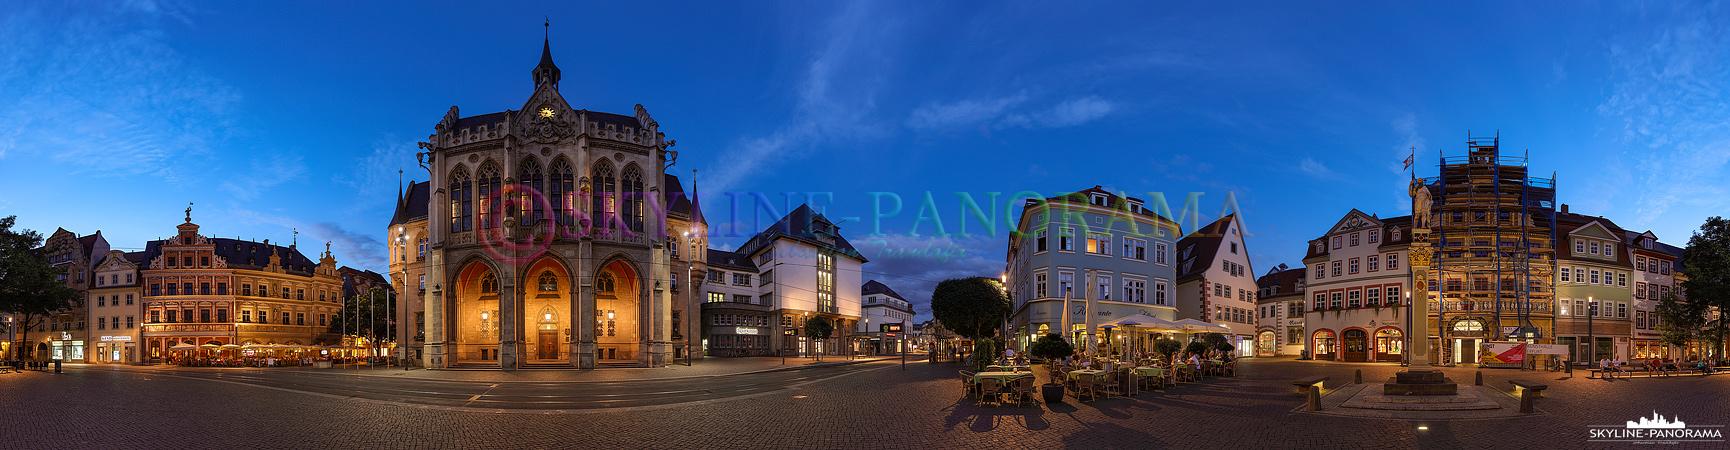 Panorama Erfurt – Diese abendliche Stadtansicht von Erfurt ist auf dem Fischmarkt entstanden und zeigt den Platz, auf dem sich auch das Rathaus befindet, in einer 360 Grad Panoramaansicht.